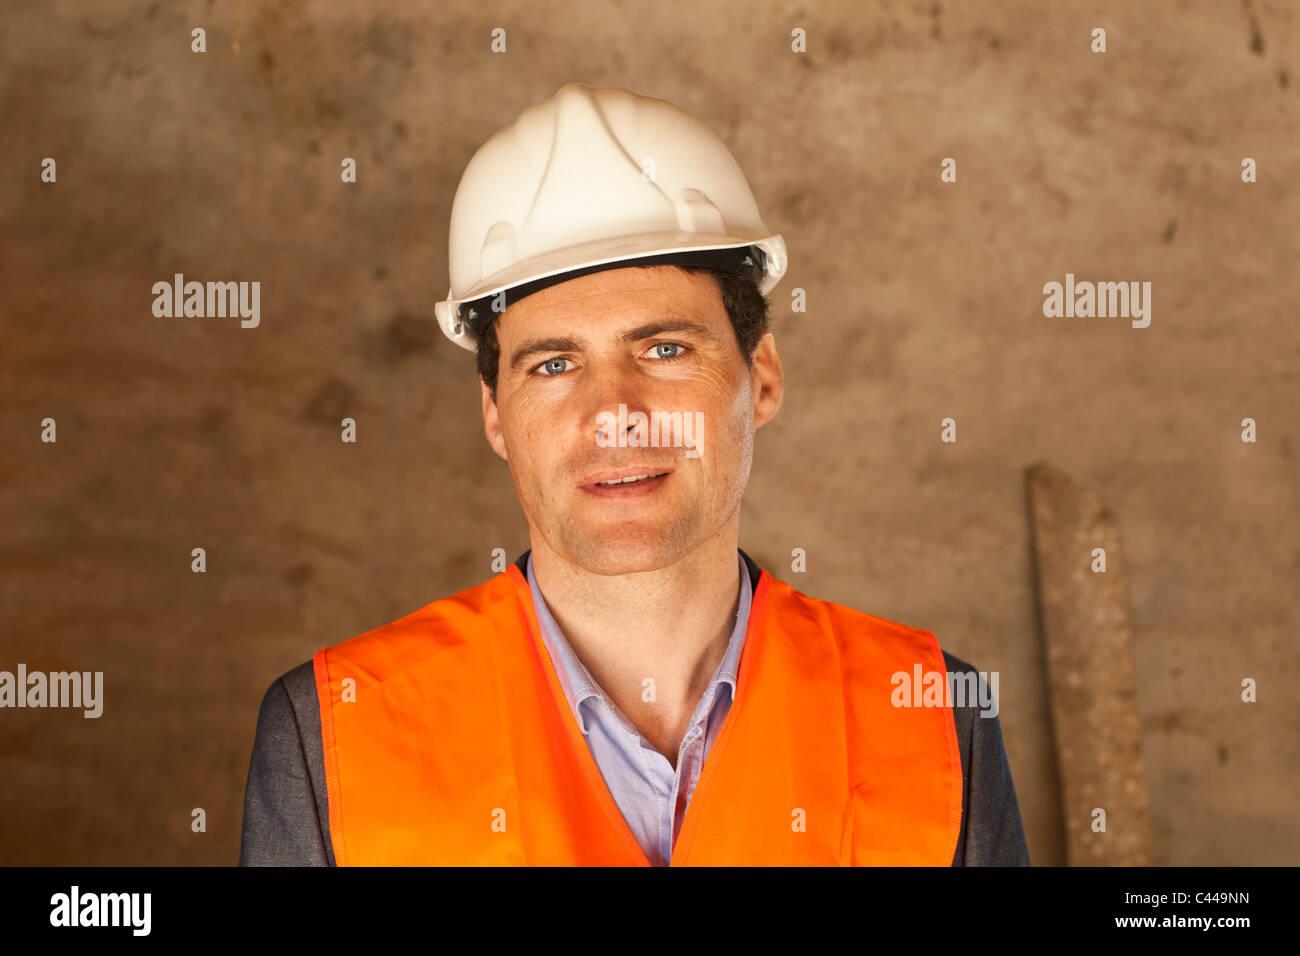 Un hombre bien vestido luciendo un casco y chaleco reflectante en un sitio en construcción Imagen De Stock